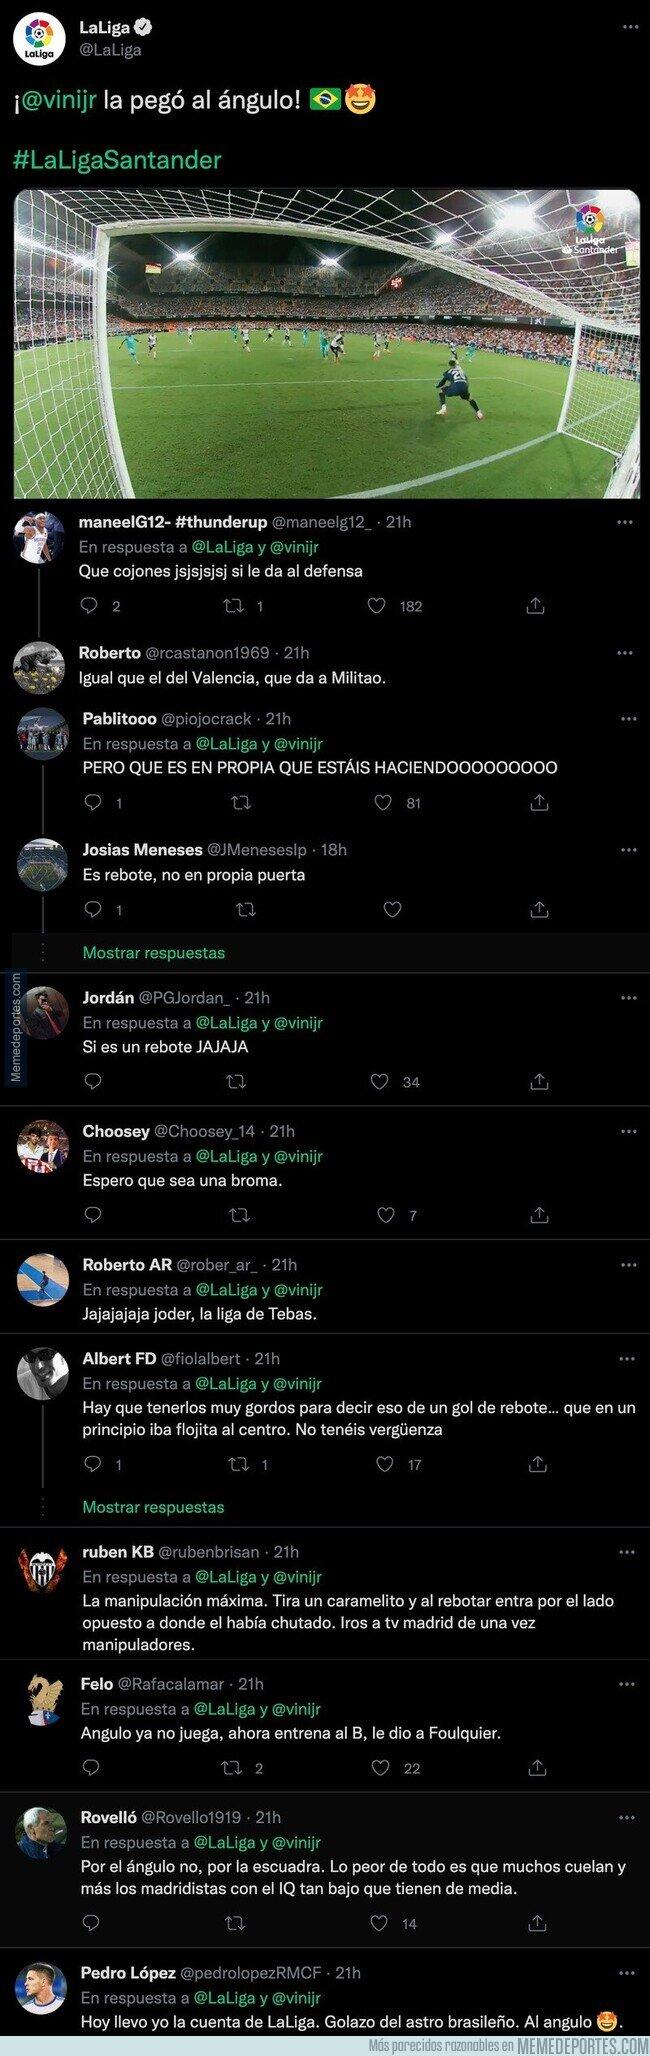 1145049 - Nadie se puede creer lo que ha tuiteado 'LaLiga' tras el último gol de Vinicius de rebote